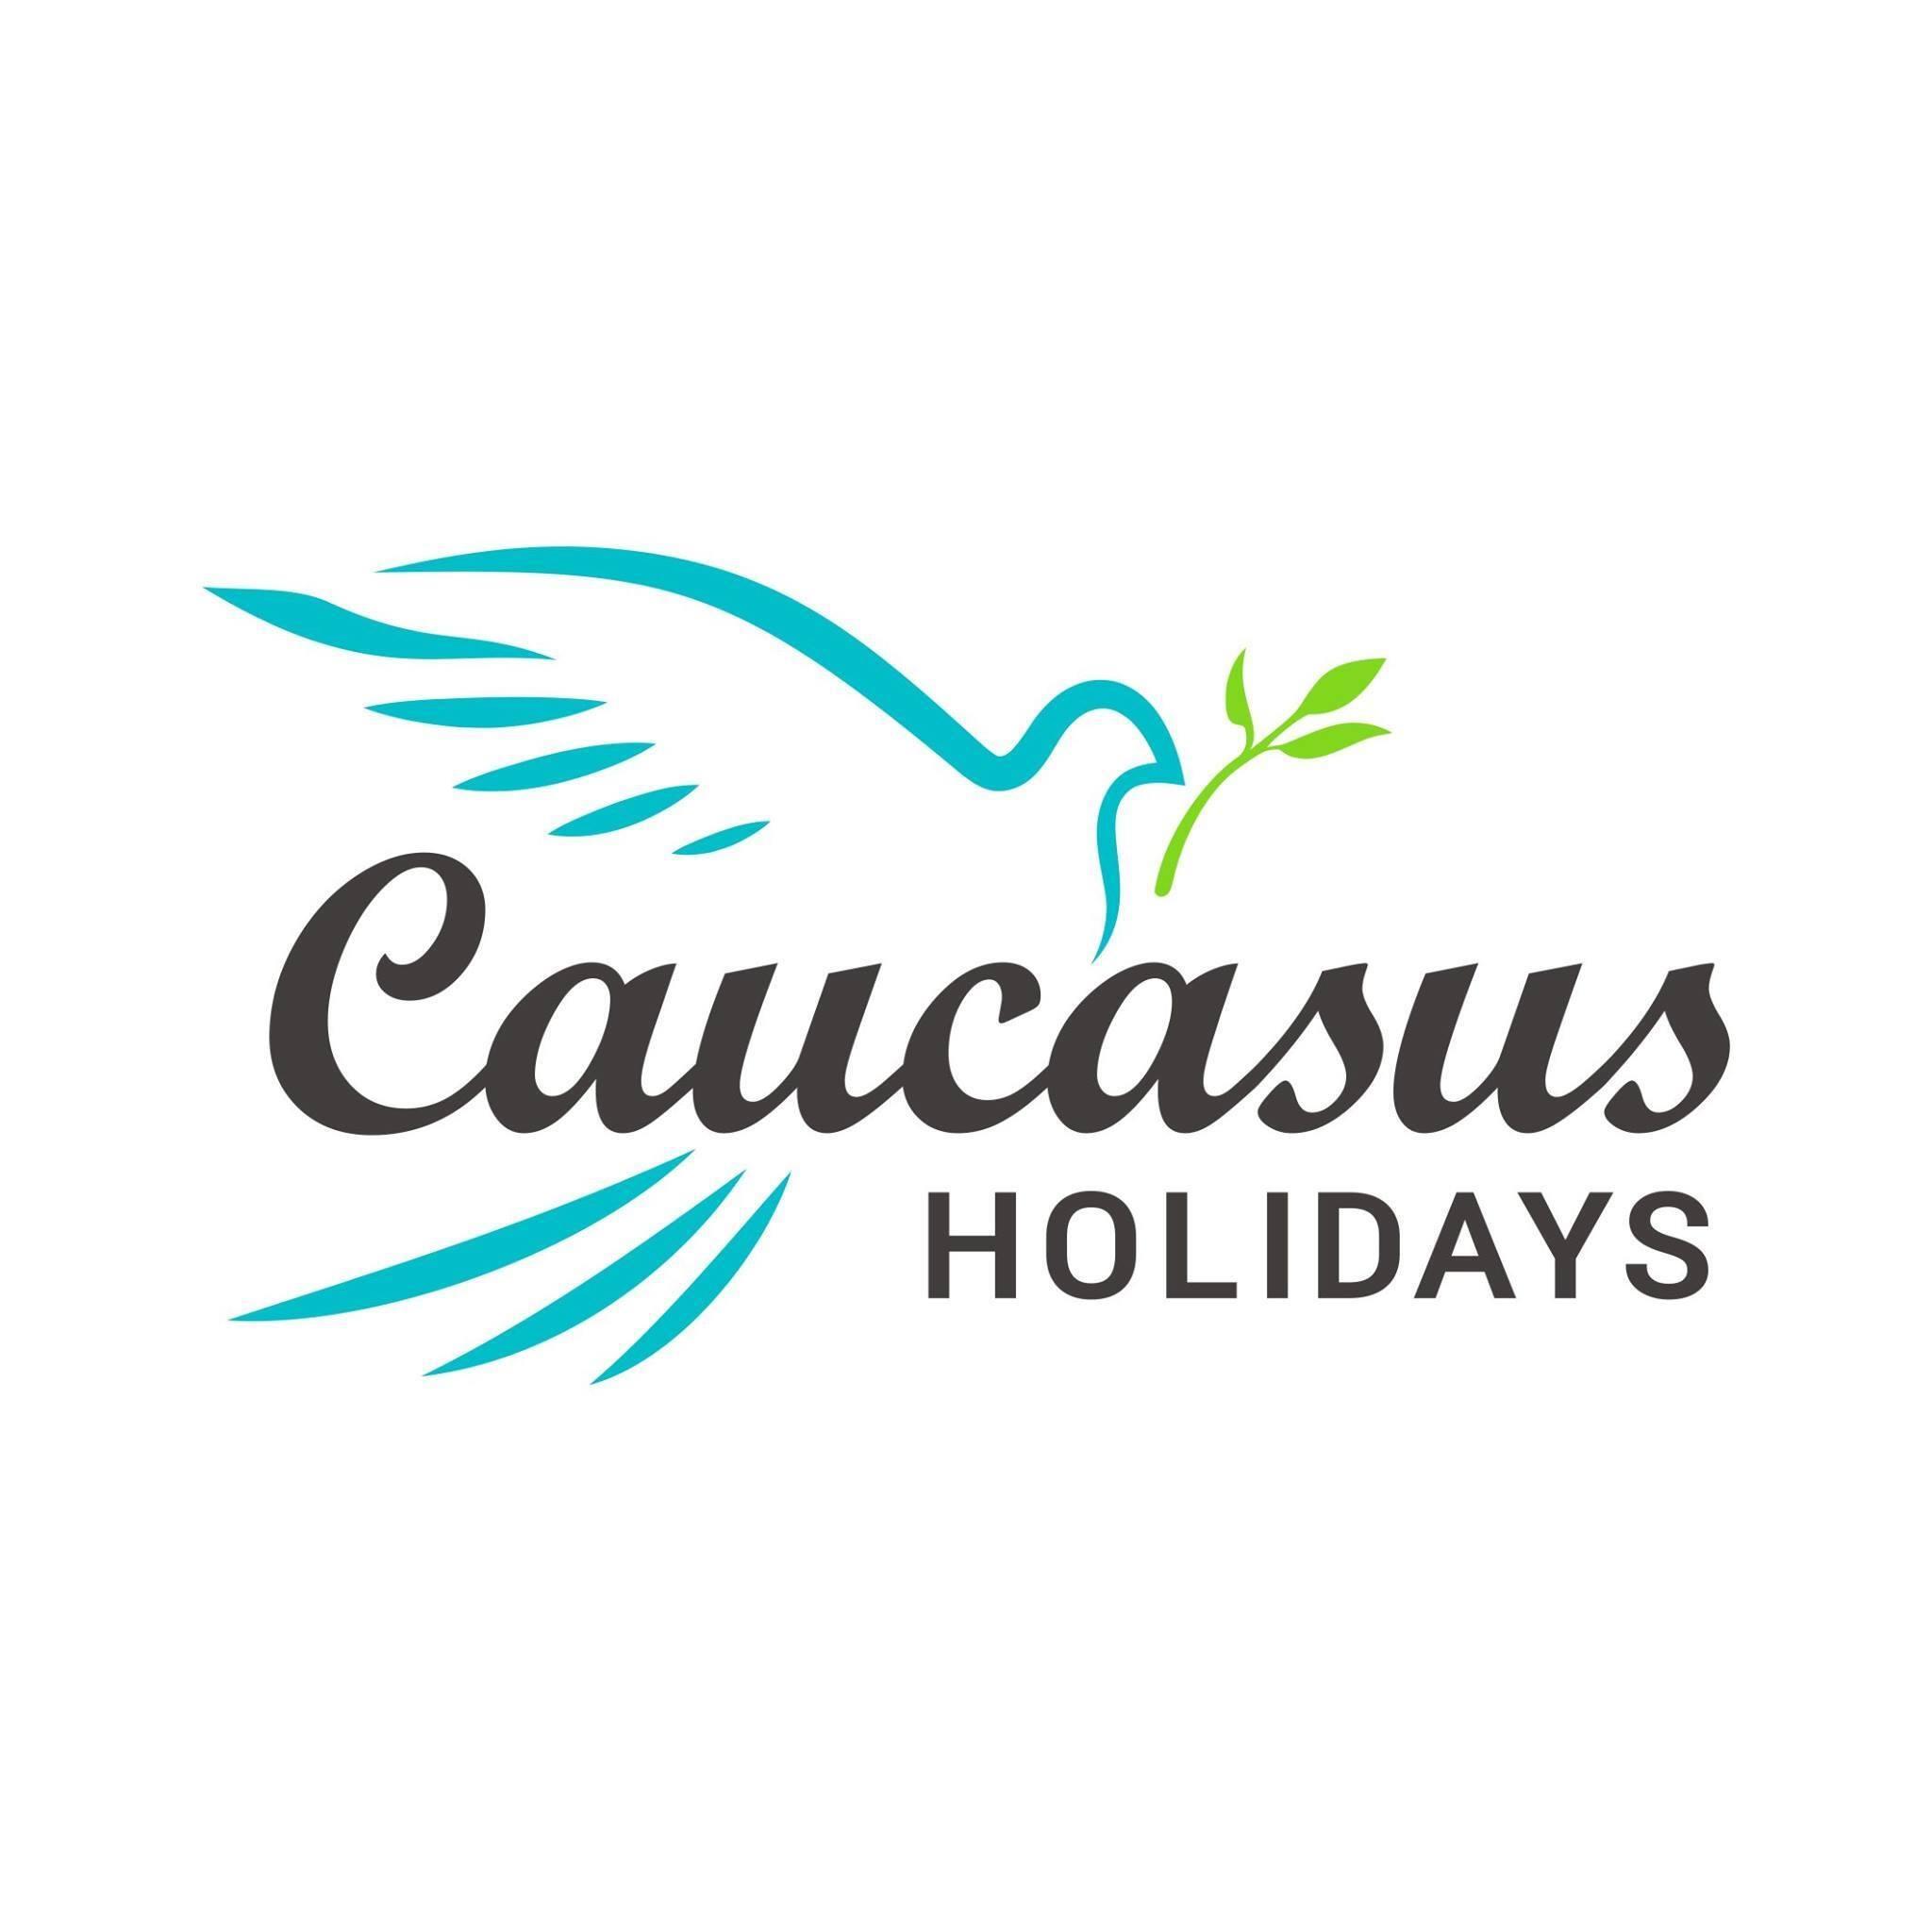 Caucasus HOLIDAYS